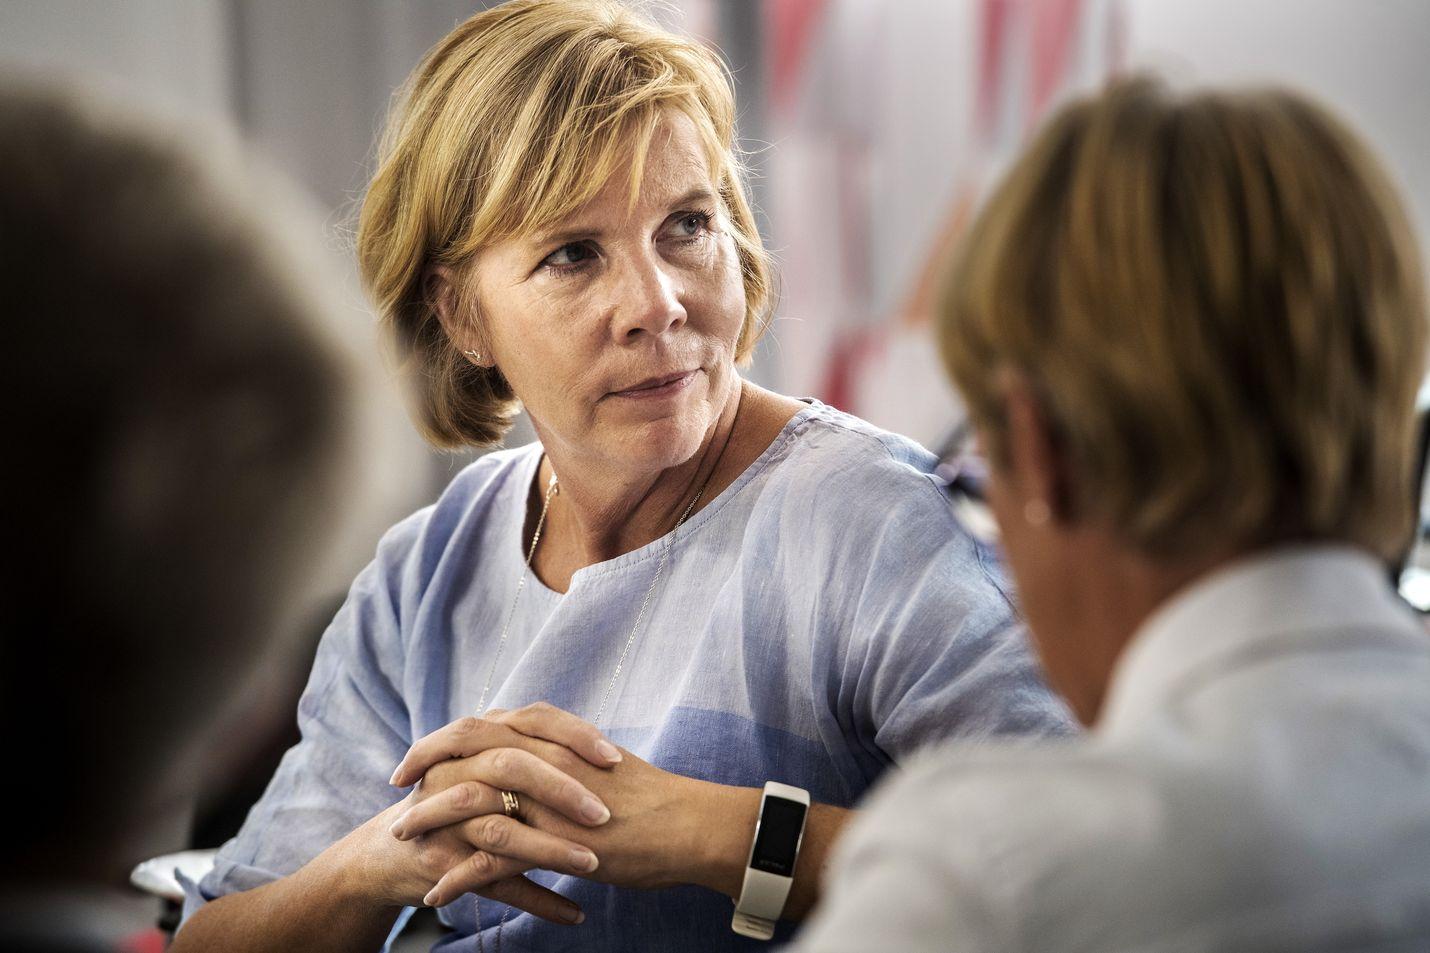 Oikeusministeri Anna-Maja Henriksson (r.) kertoo ryhtyvänsä käymään läpi vankiloiden turvallisuustilannetta ja siihen liittyviä toimia.